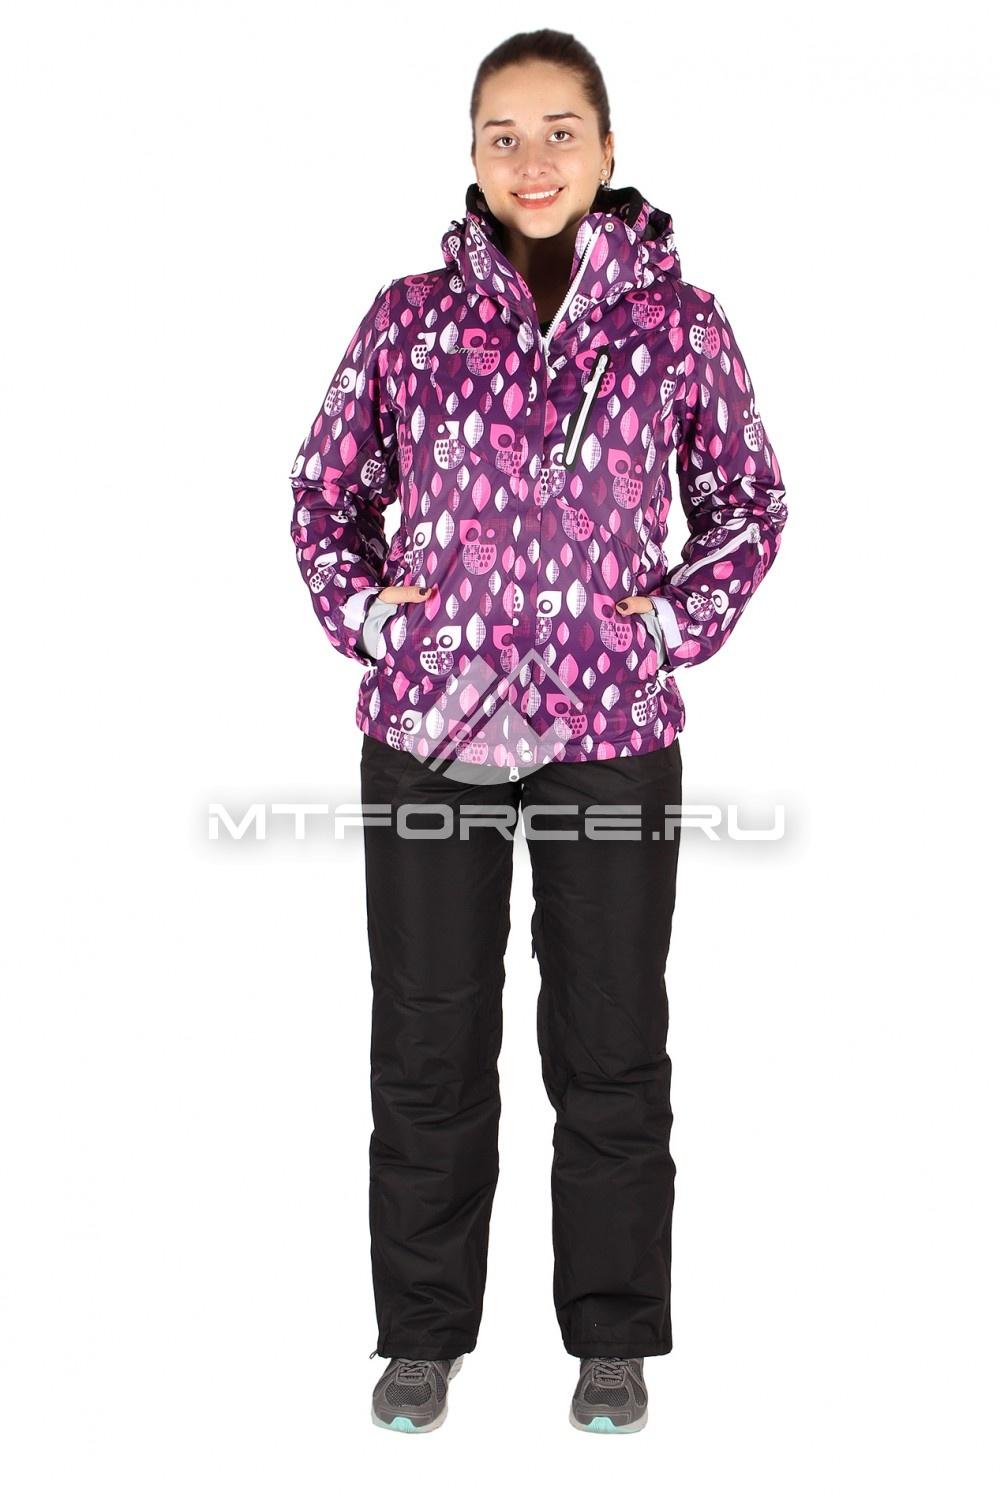 Купить горнолыжный костюм женский доставка